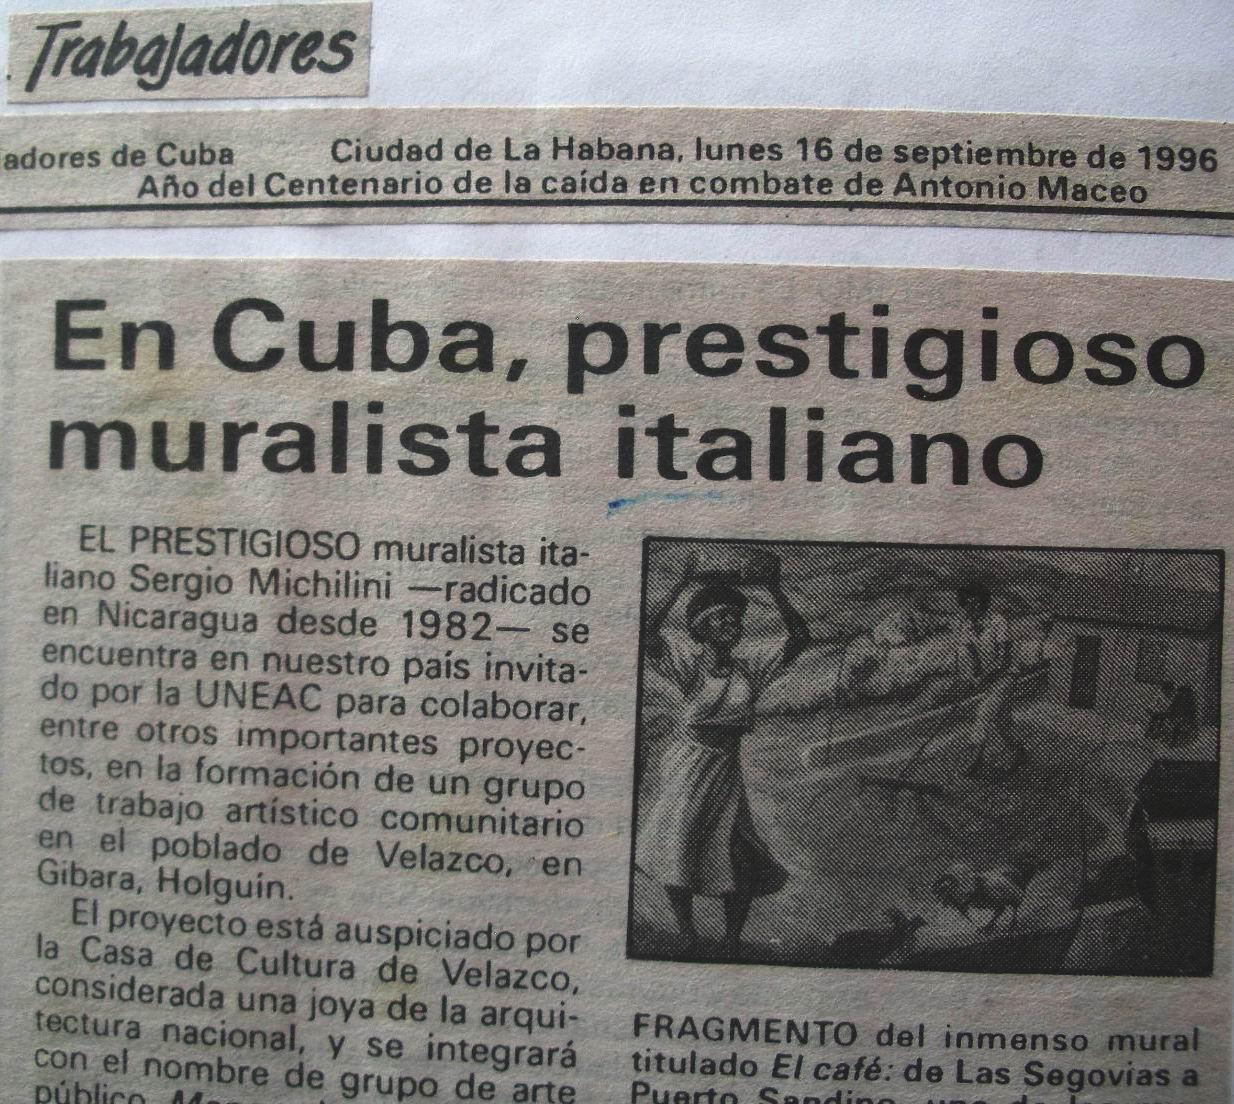 1996 Trabajadores, Cuba, 16 Settembre